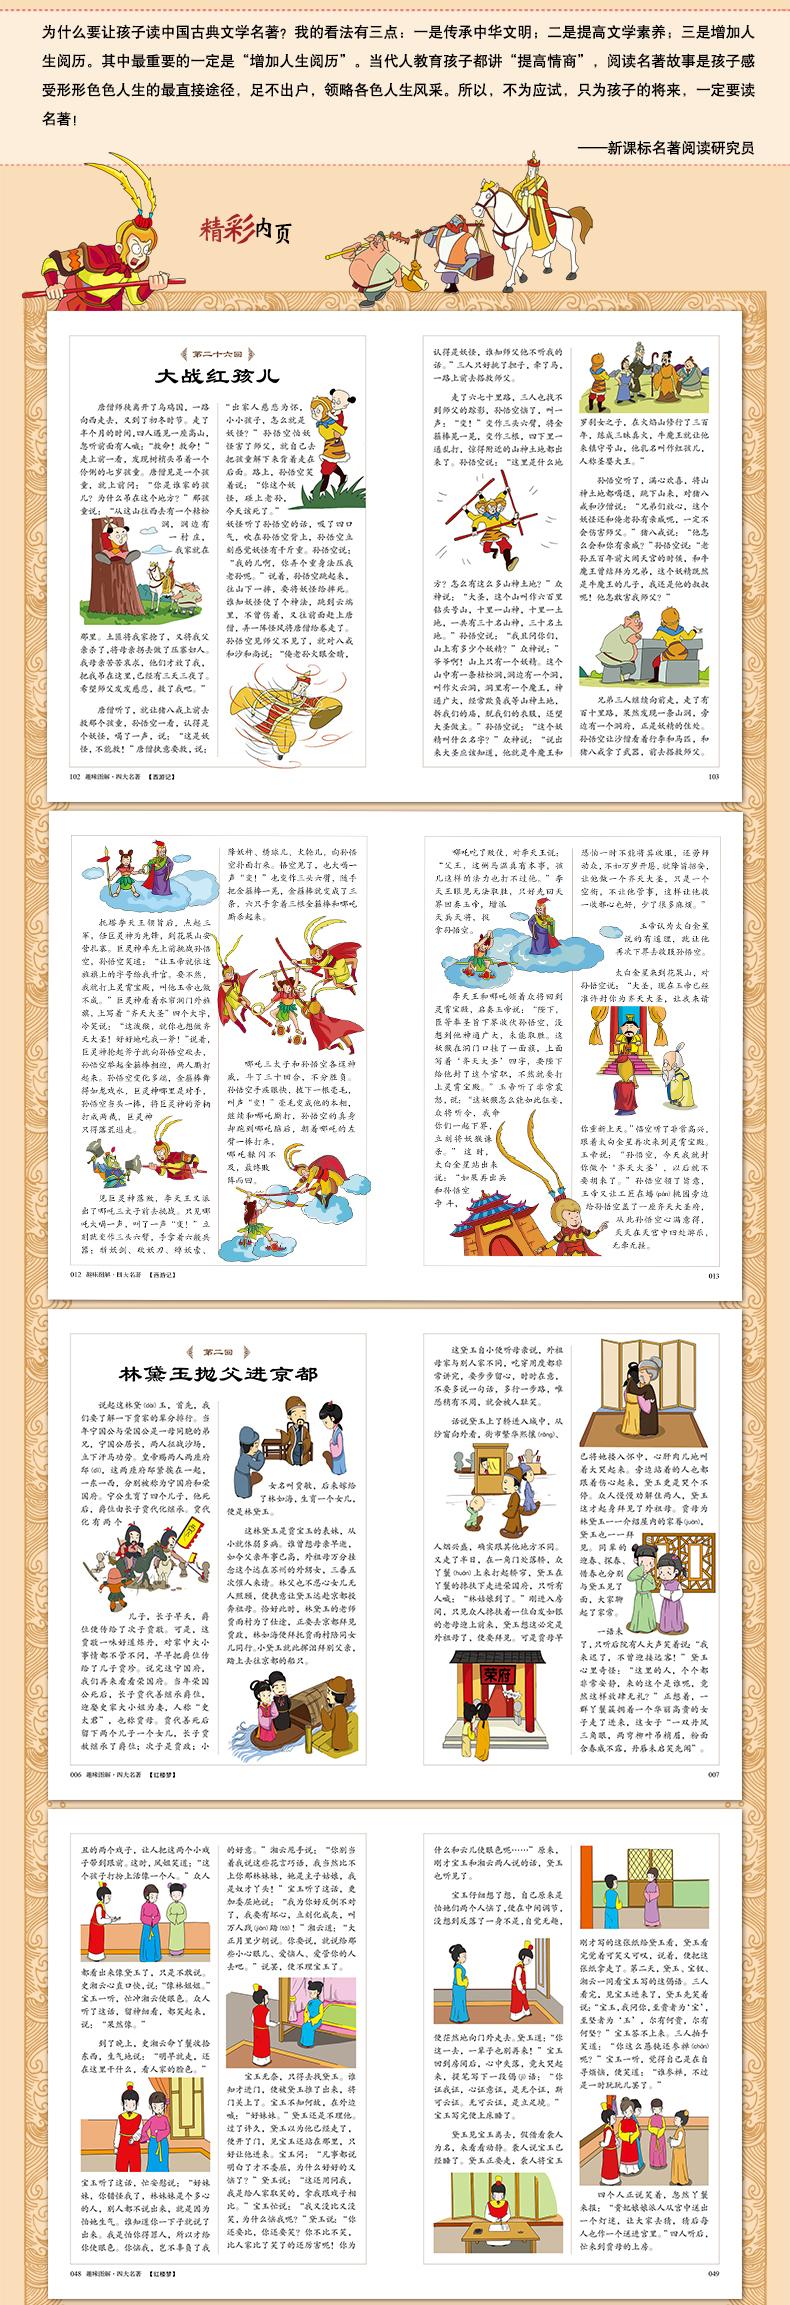 20161013_150557_027.jpg